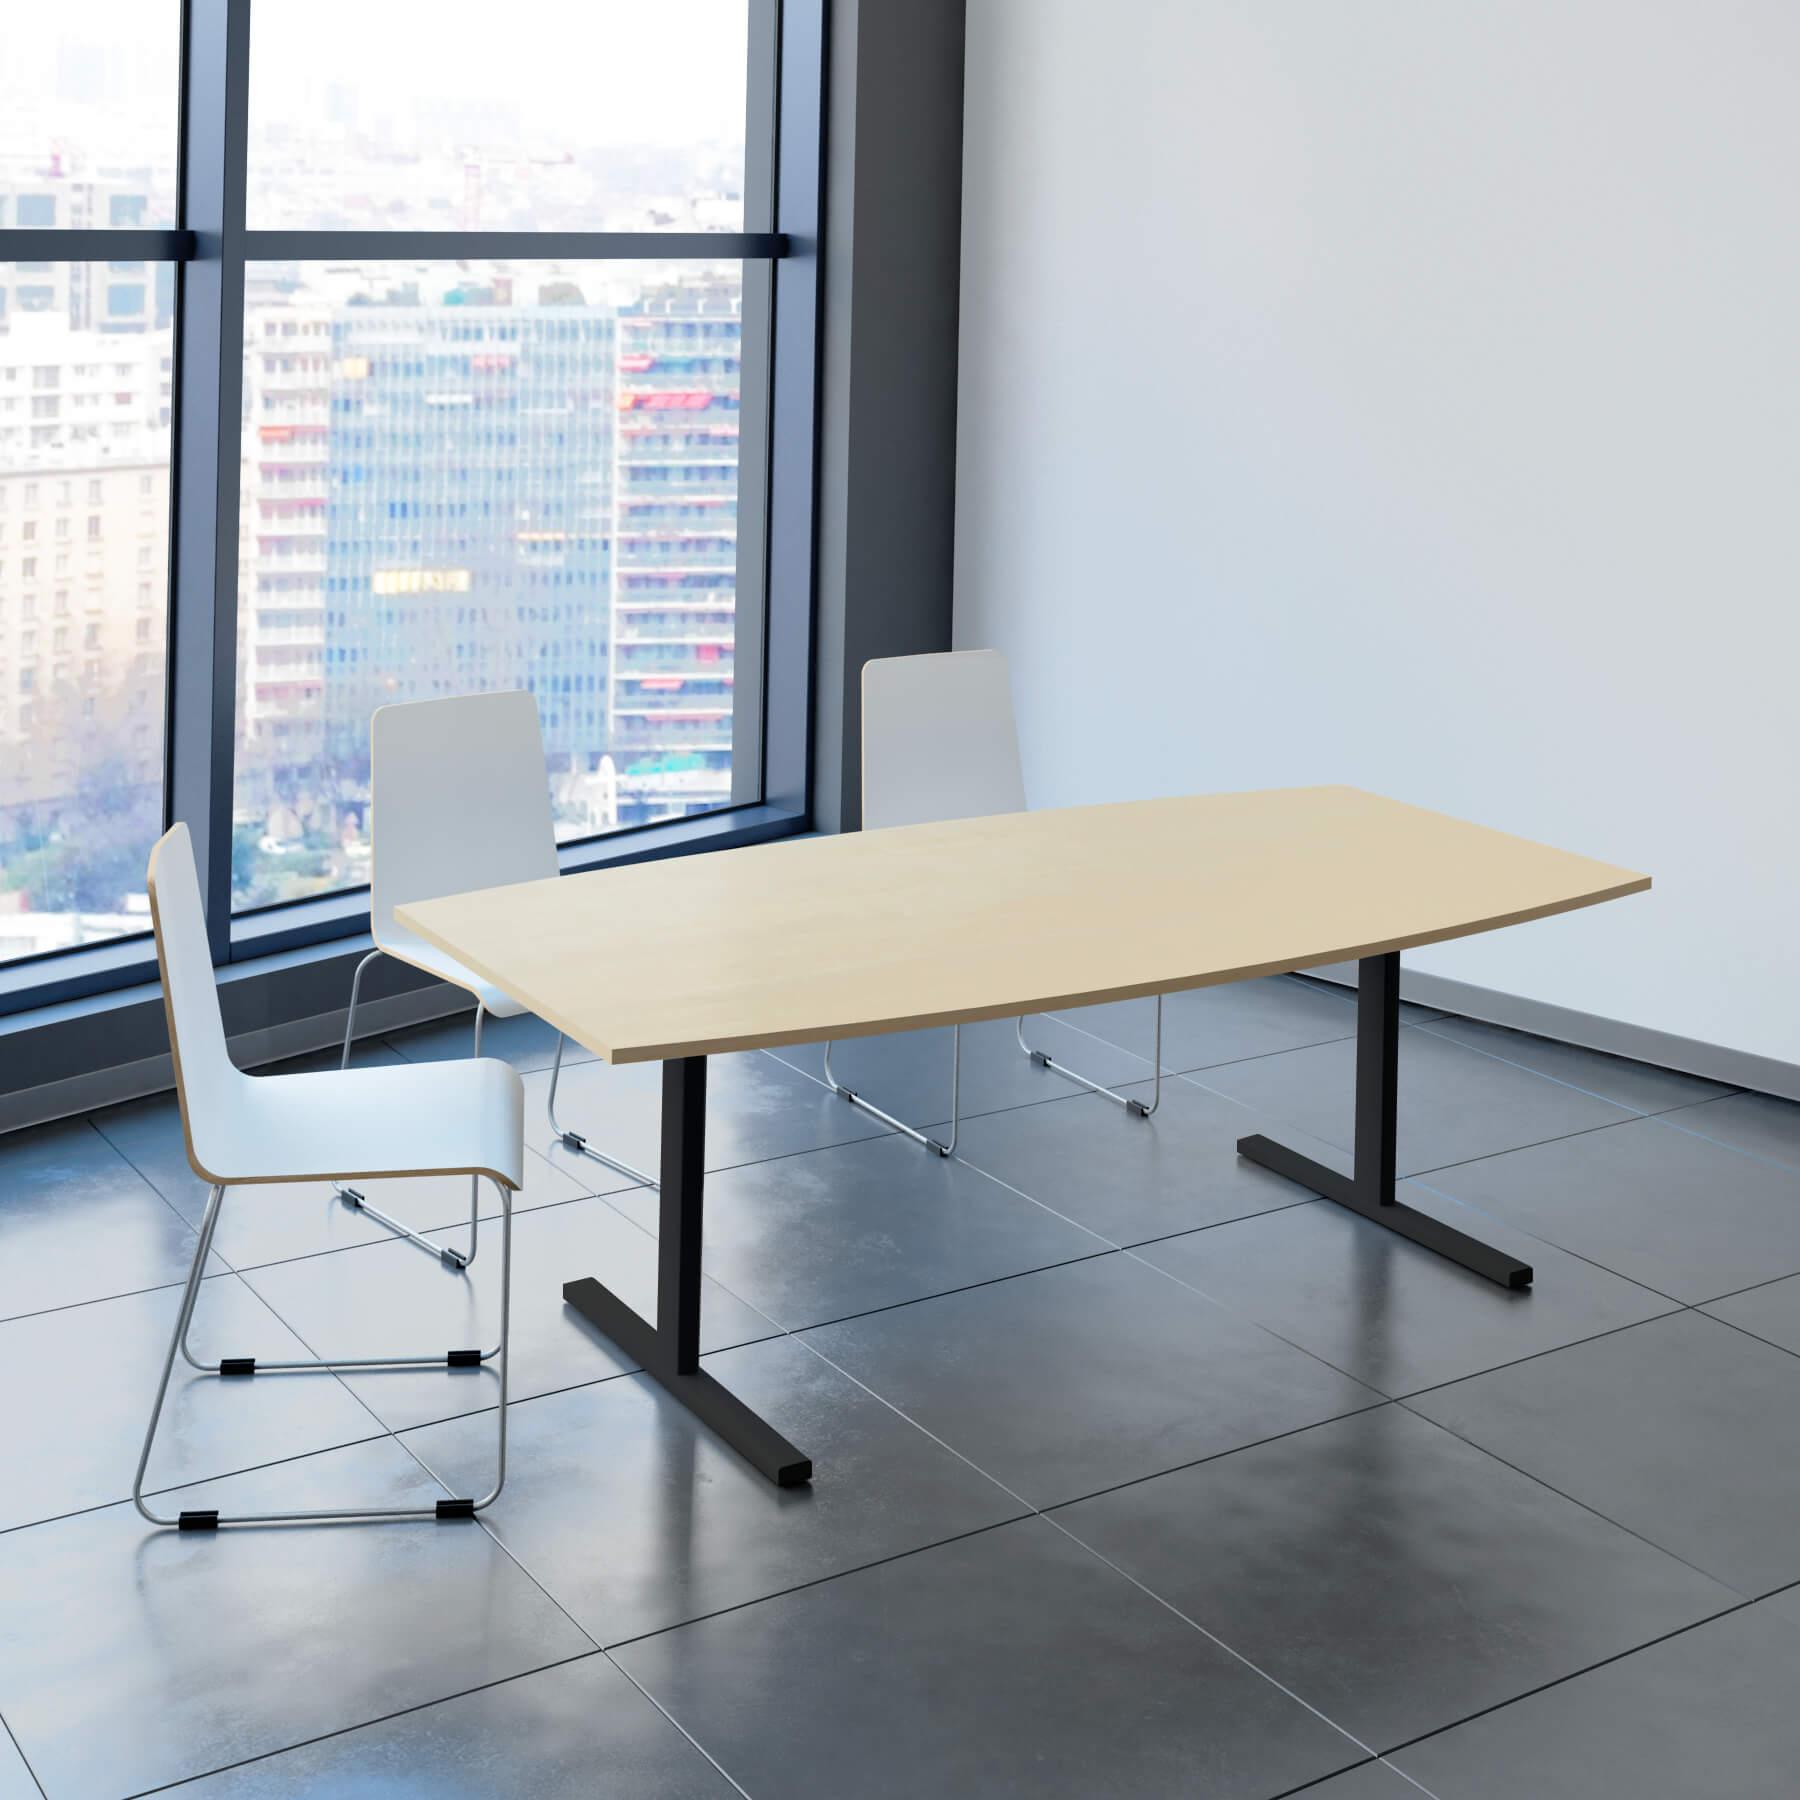 EASY Konferenztisch Bootsform 200x100 cm Ahorn Besprechungstisch Tisch